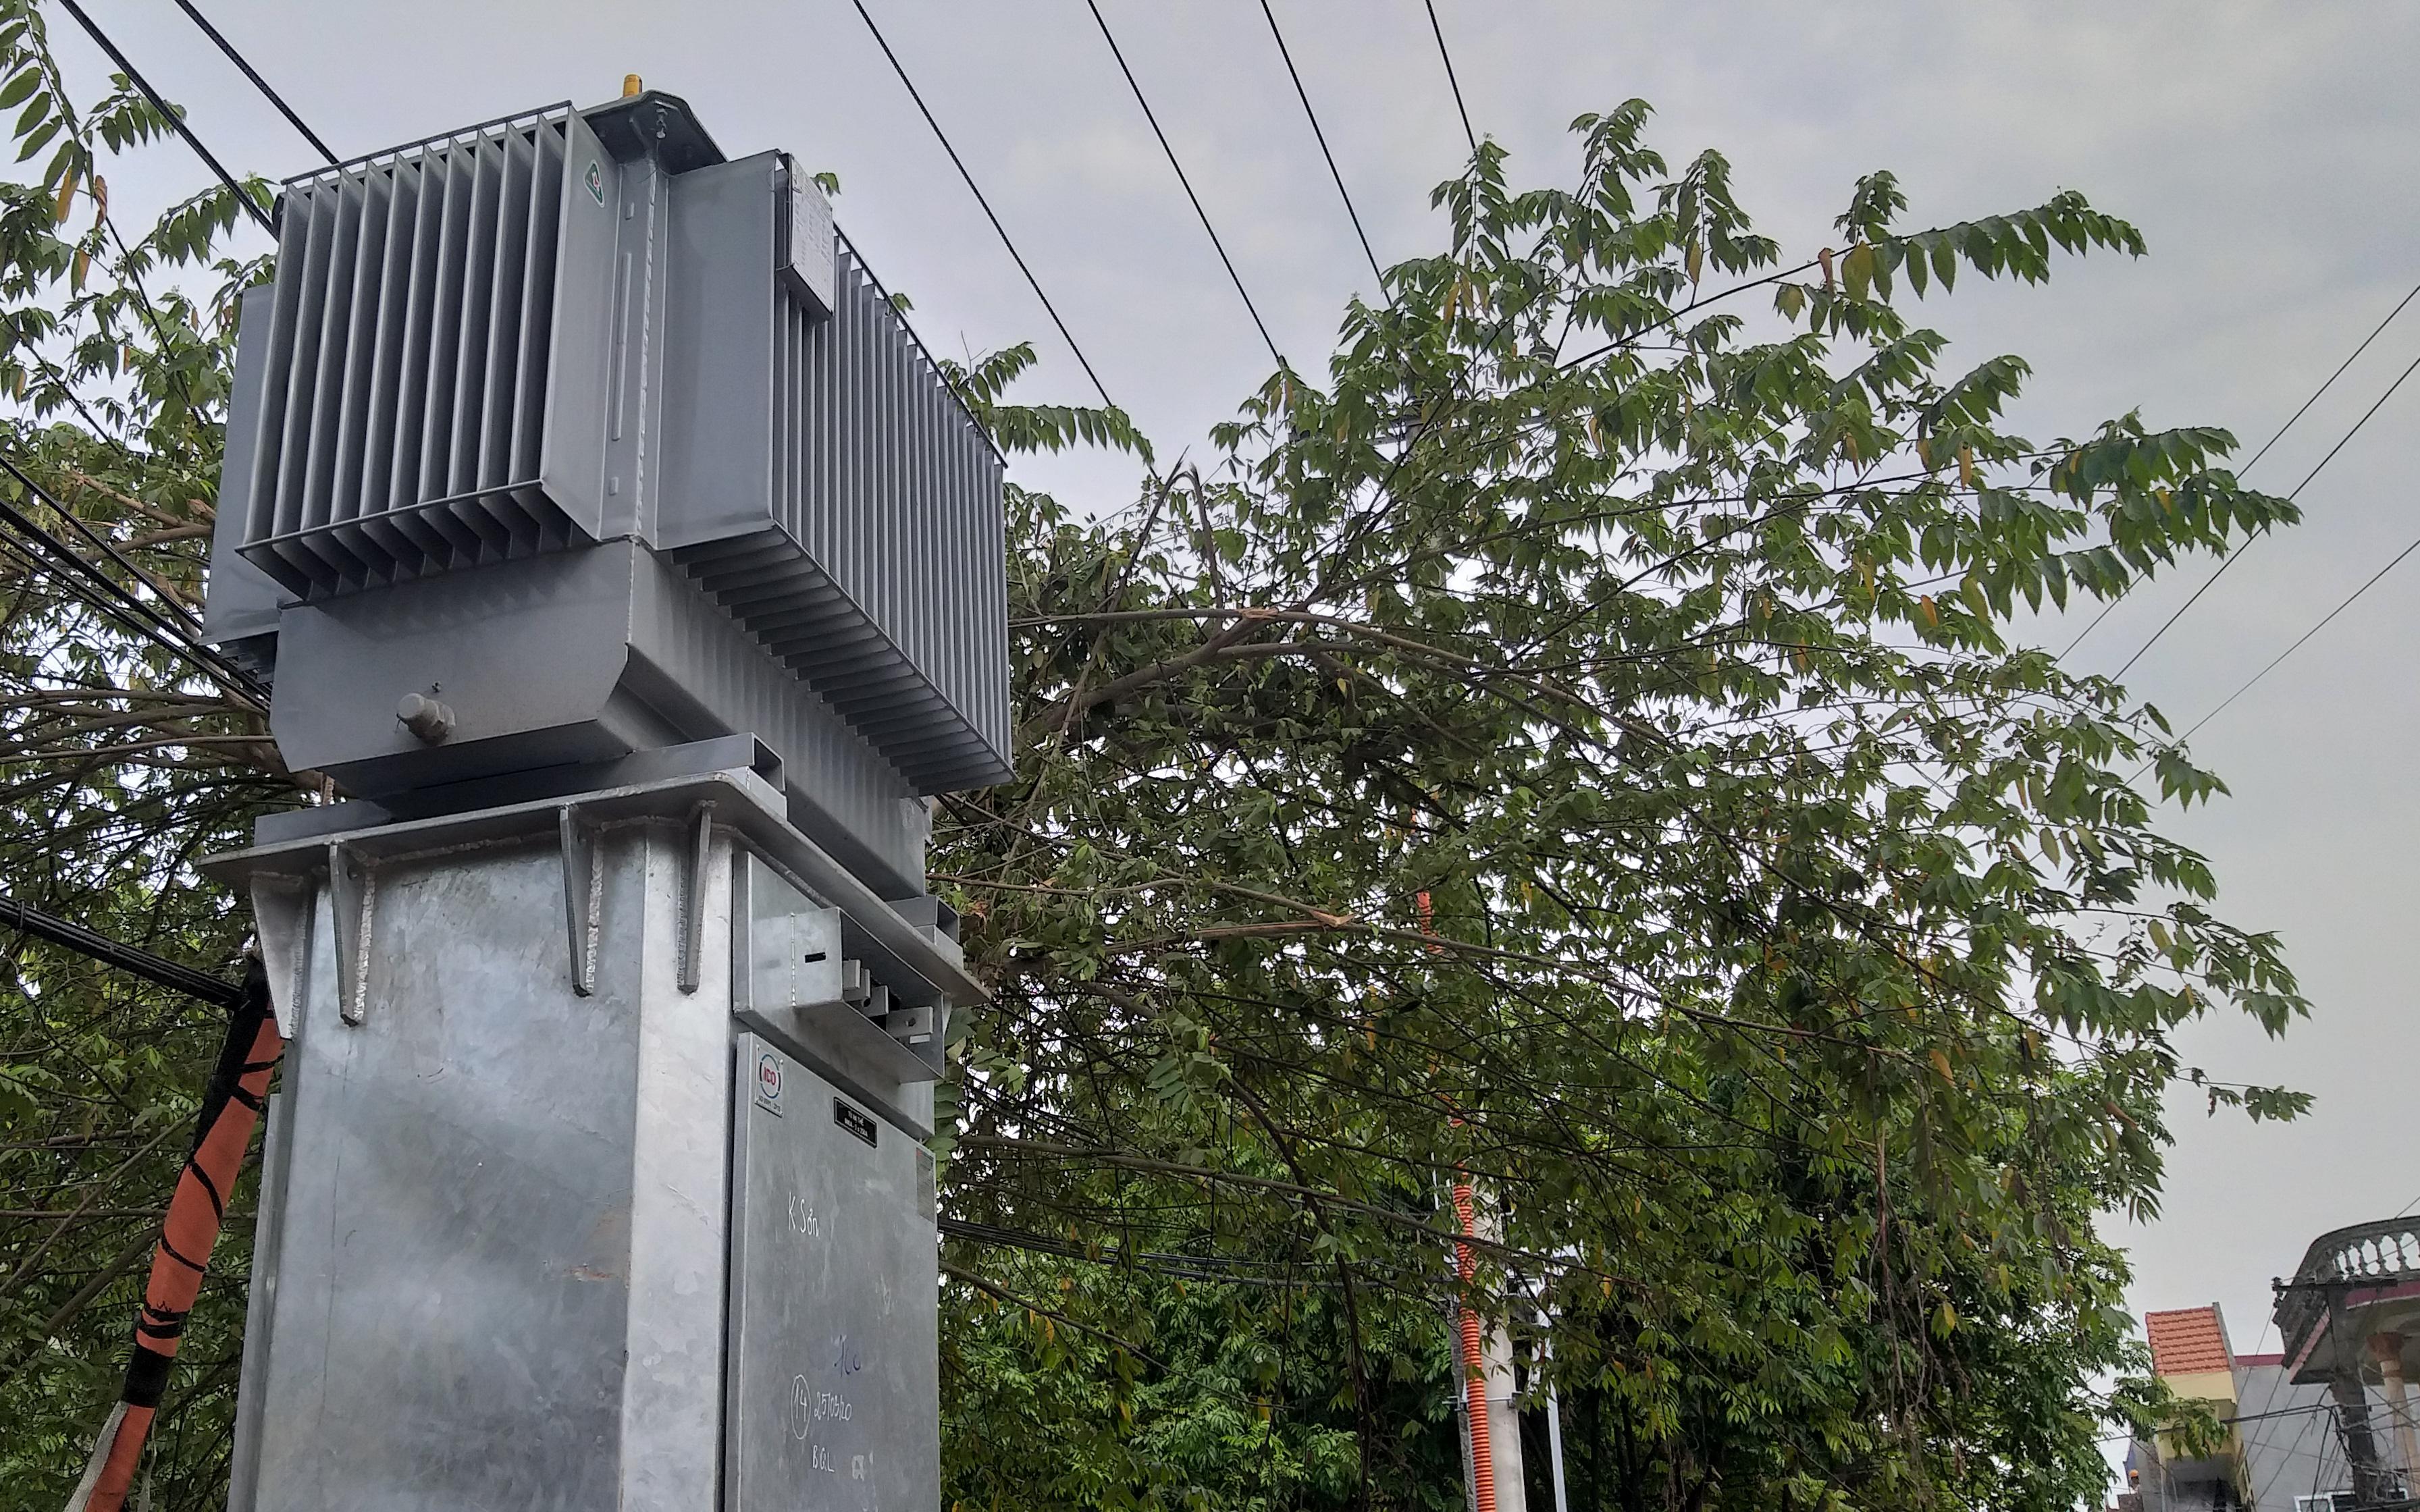 Hà Nội: Lịch tạm ngừng cung cấp điện phục vụ cải tạo nâng cấp toàn bộ lưới điện ngày 10/06